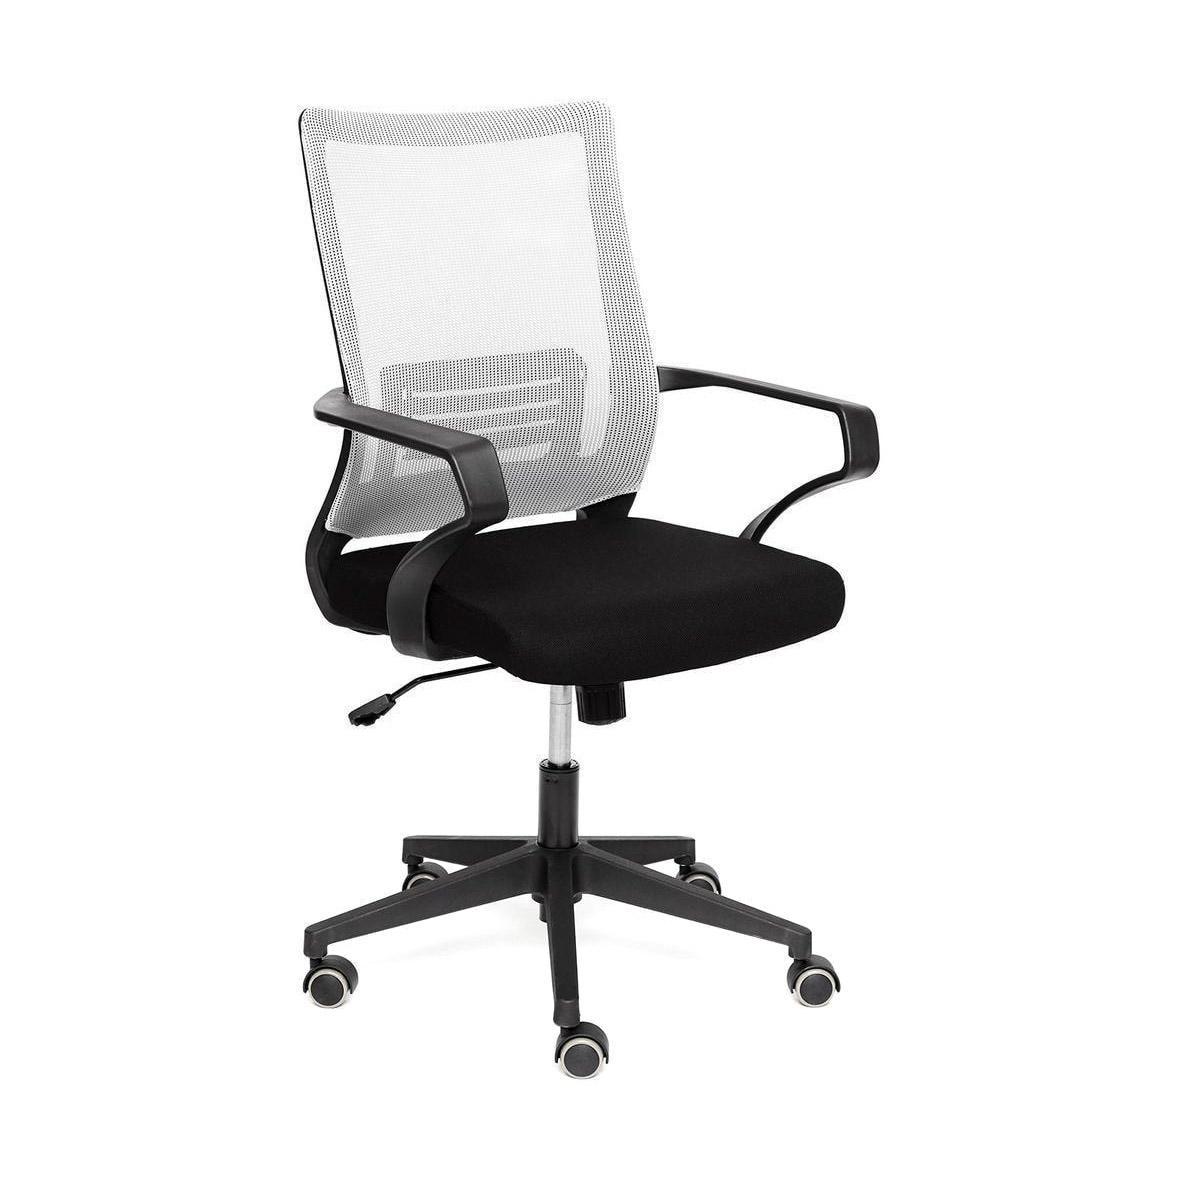 Кресло компьютерное TC 133х62х49 черный/серый